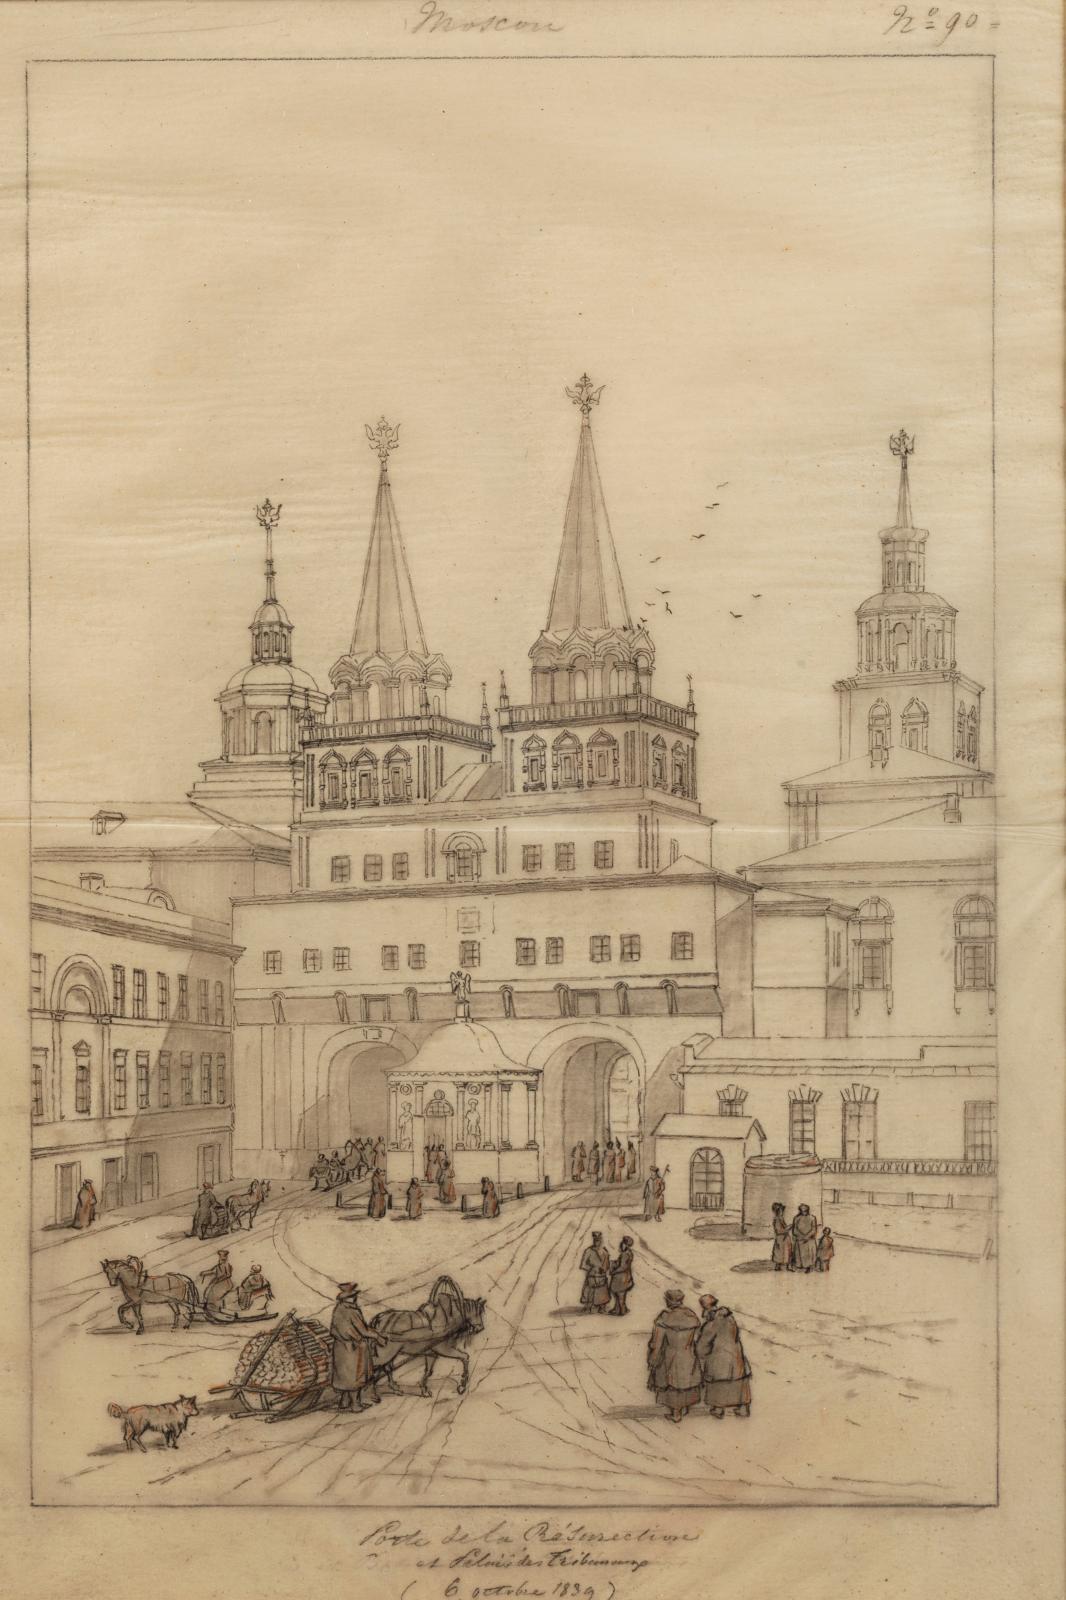 André Durand (1807-1867), Voyage en Russie du prince Anatole Demidoff, vers 1839-1848, 93dessins sur calque marouflé sur papier, 28x45,